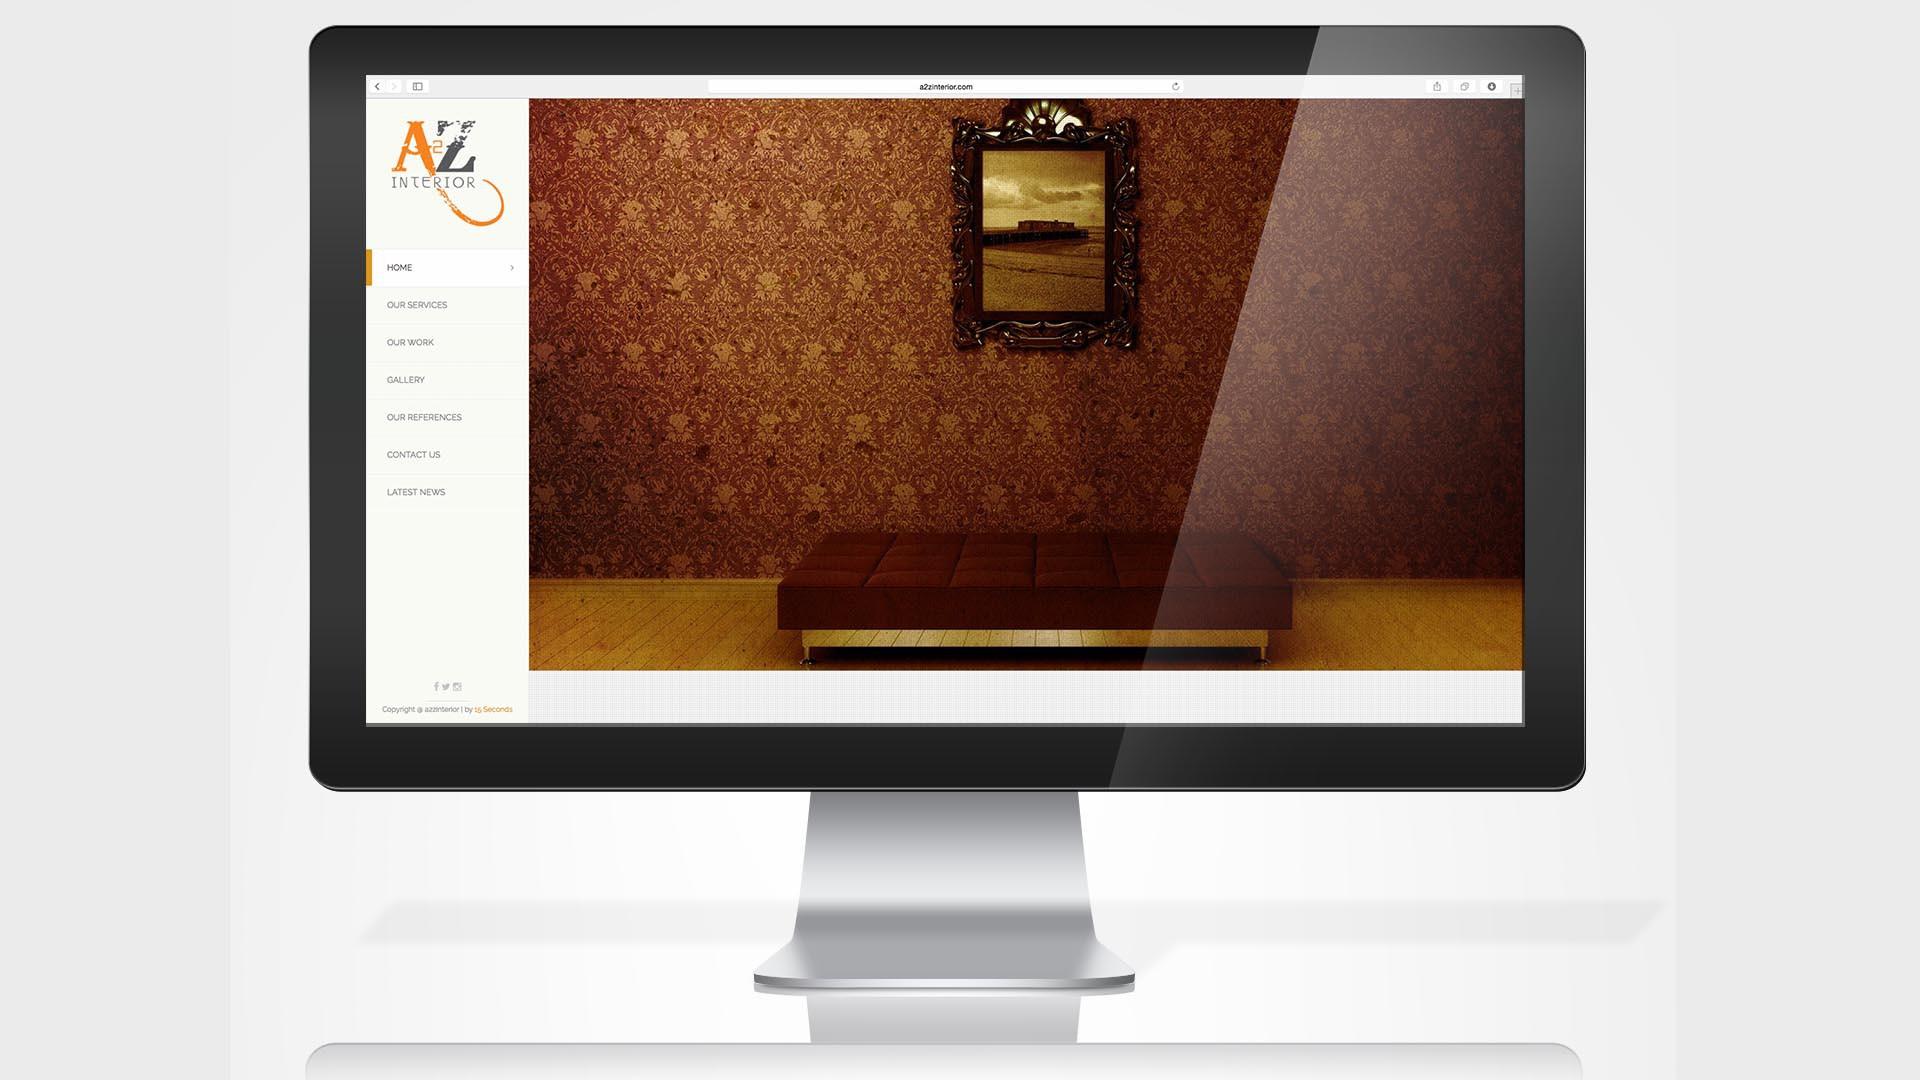 a2z-interiors-website-home